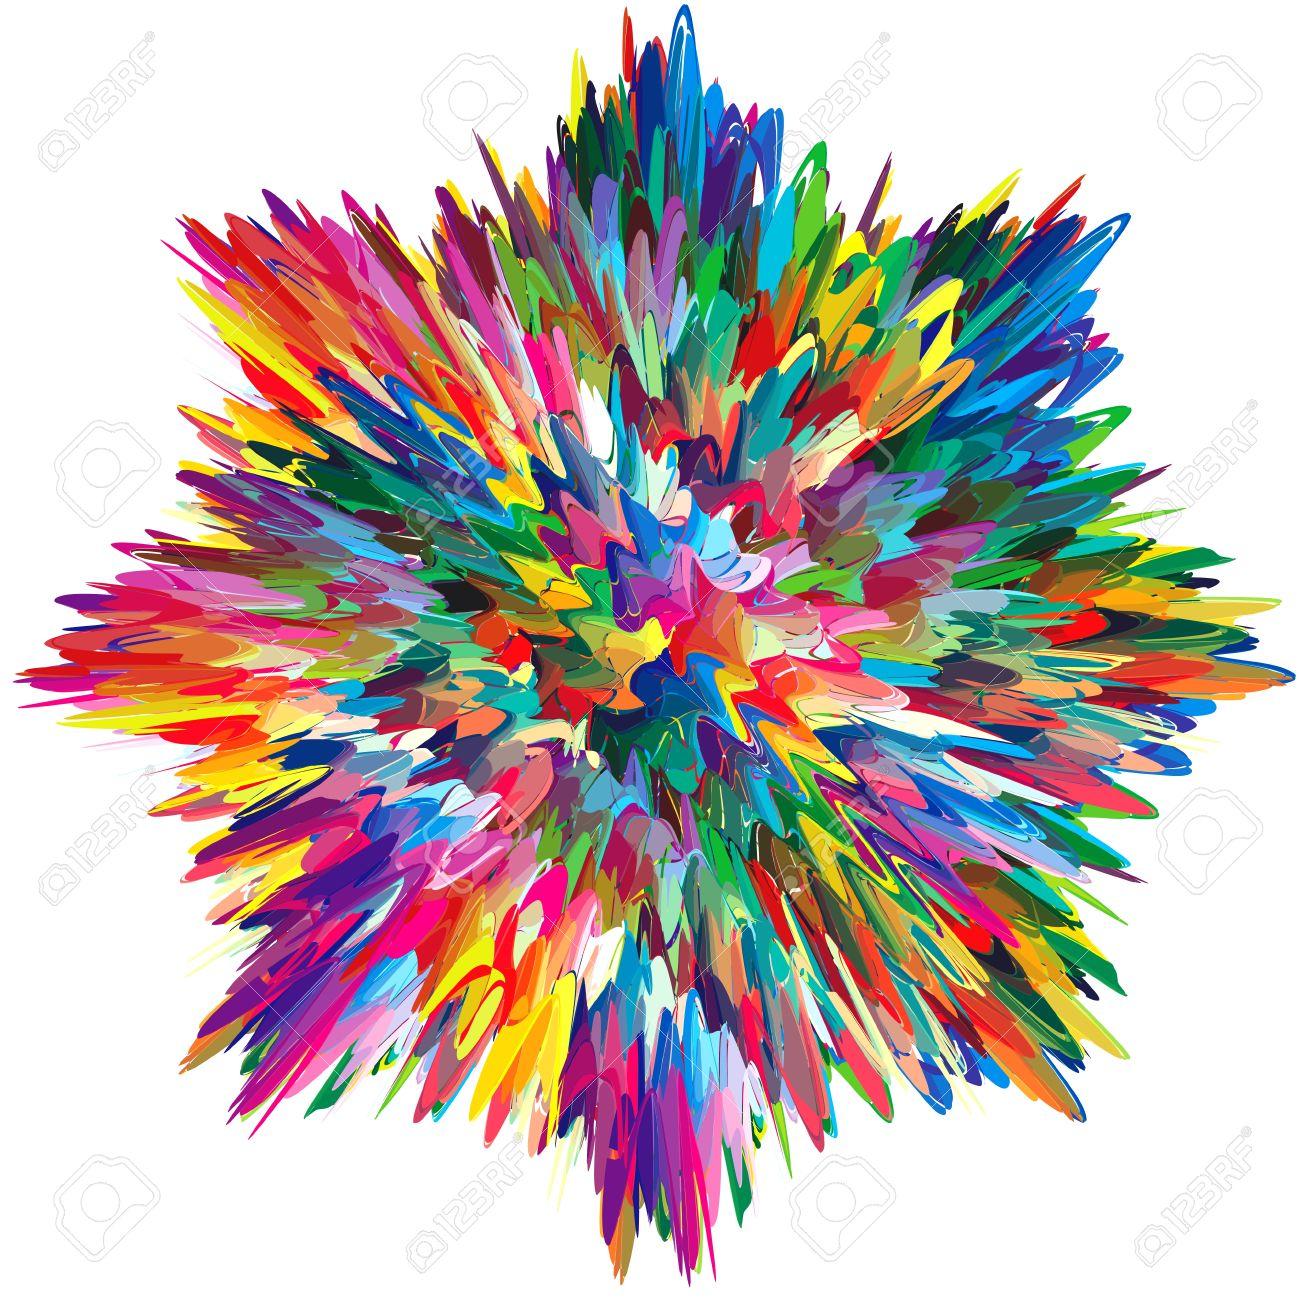 Artistes Palette Avec De L Huile Melangee Ou Peinture Acrylique Clip Art Libres De Droits Vecteurs Et Illustration Image 12479994